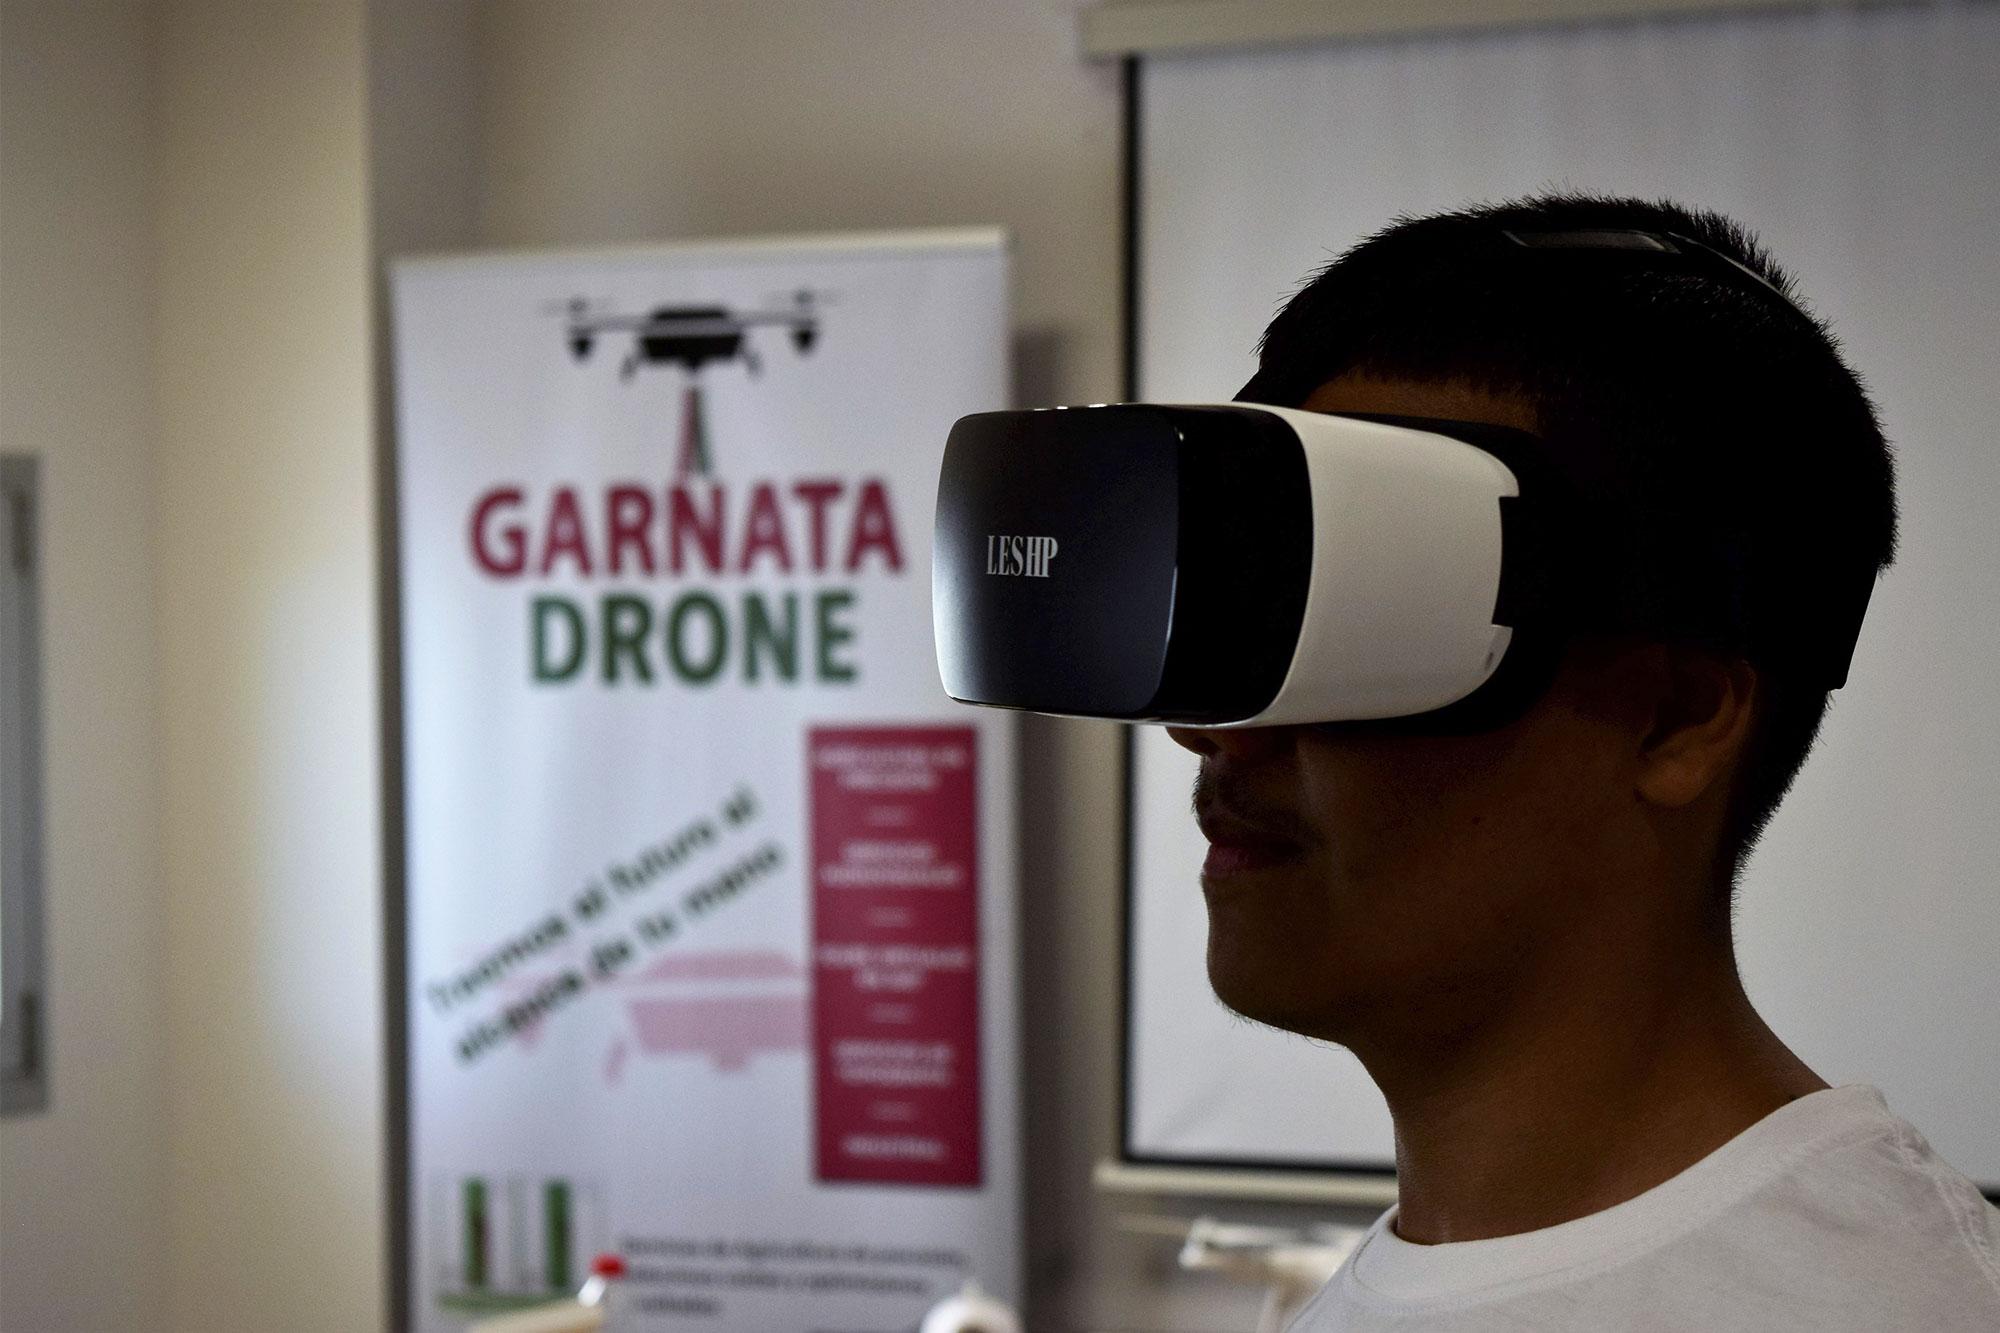 Garnata drone ofrece servicios de realidad-virtual